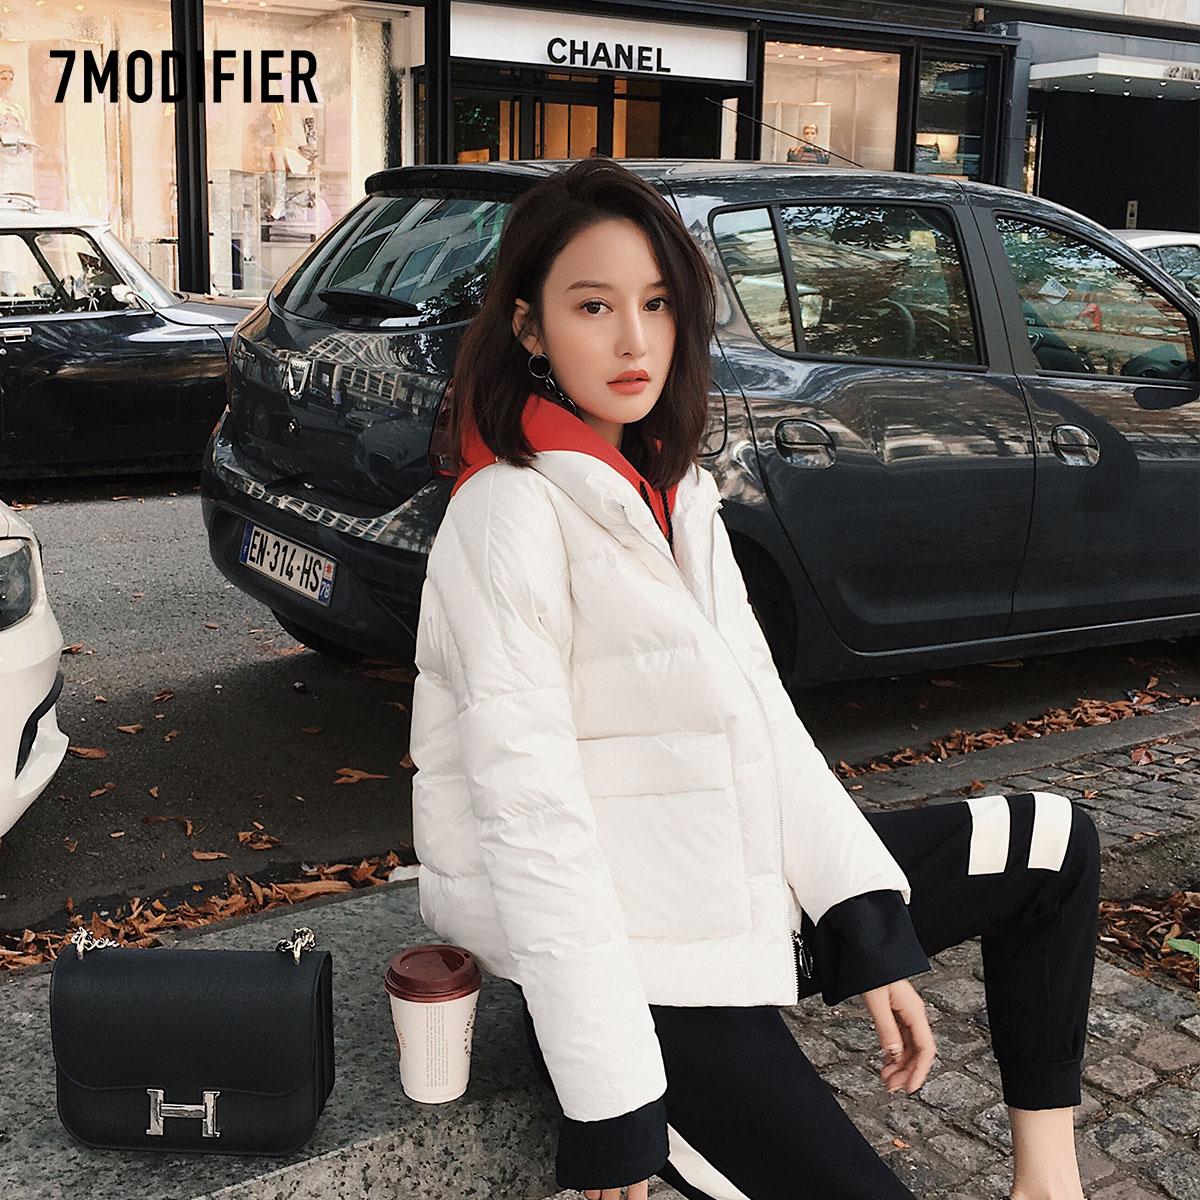 面包棉服外套拉夏贝尔7m2017冬装新款韩版潮宽松短款轻薄羽绒服女